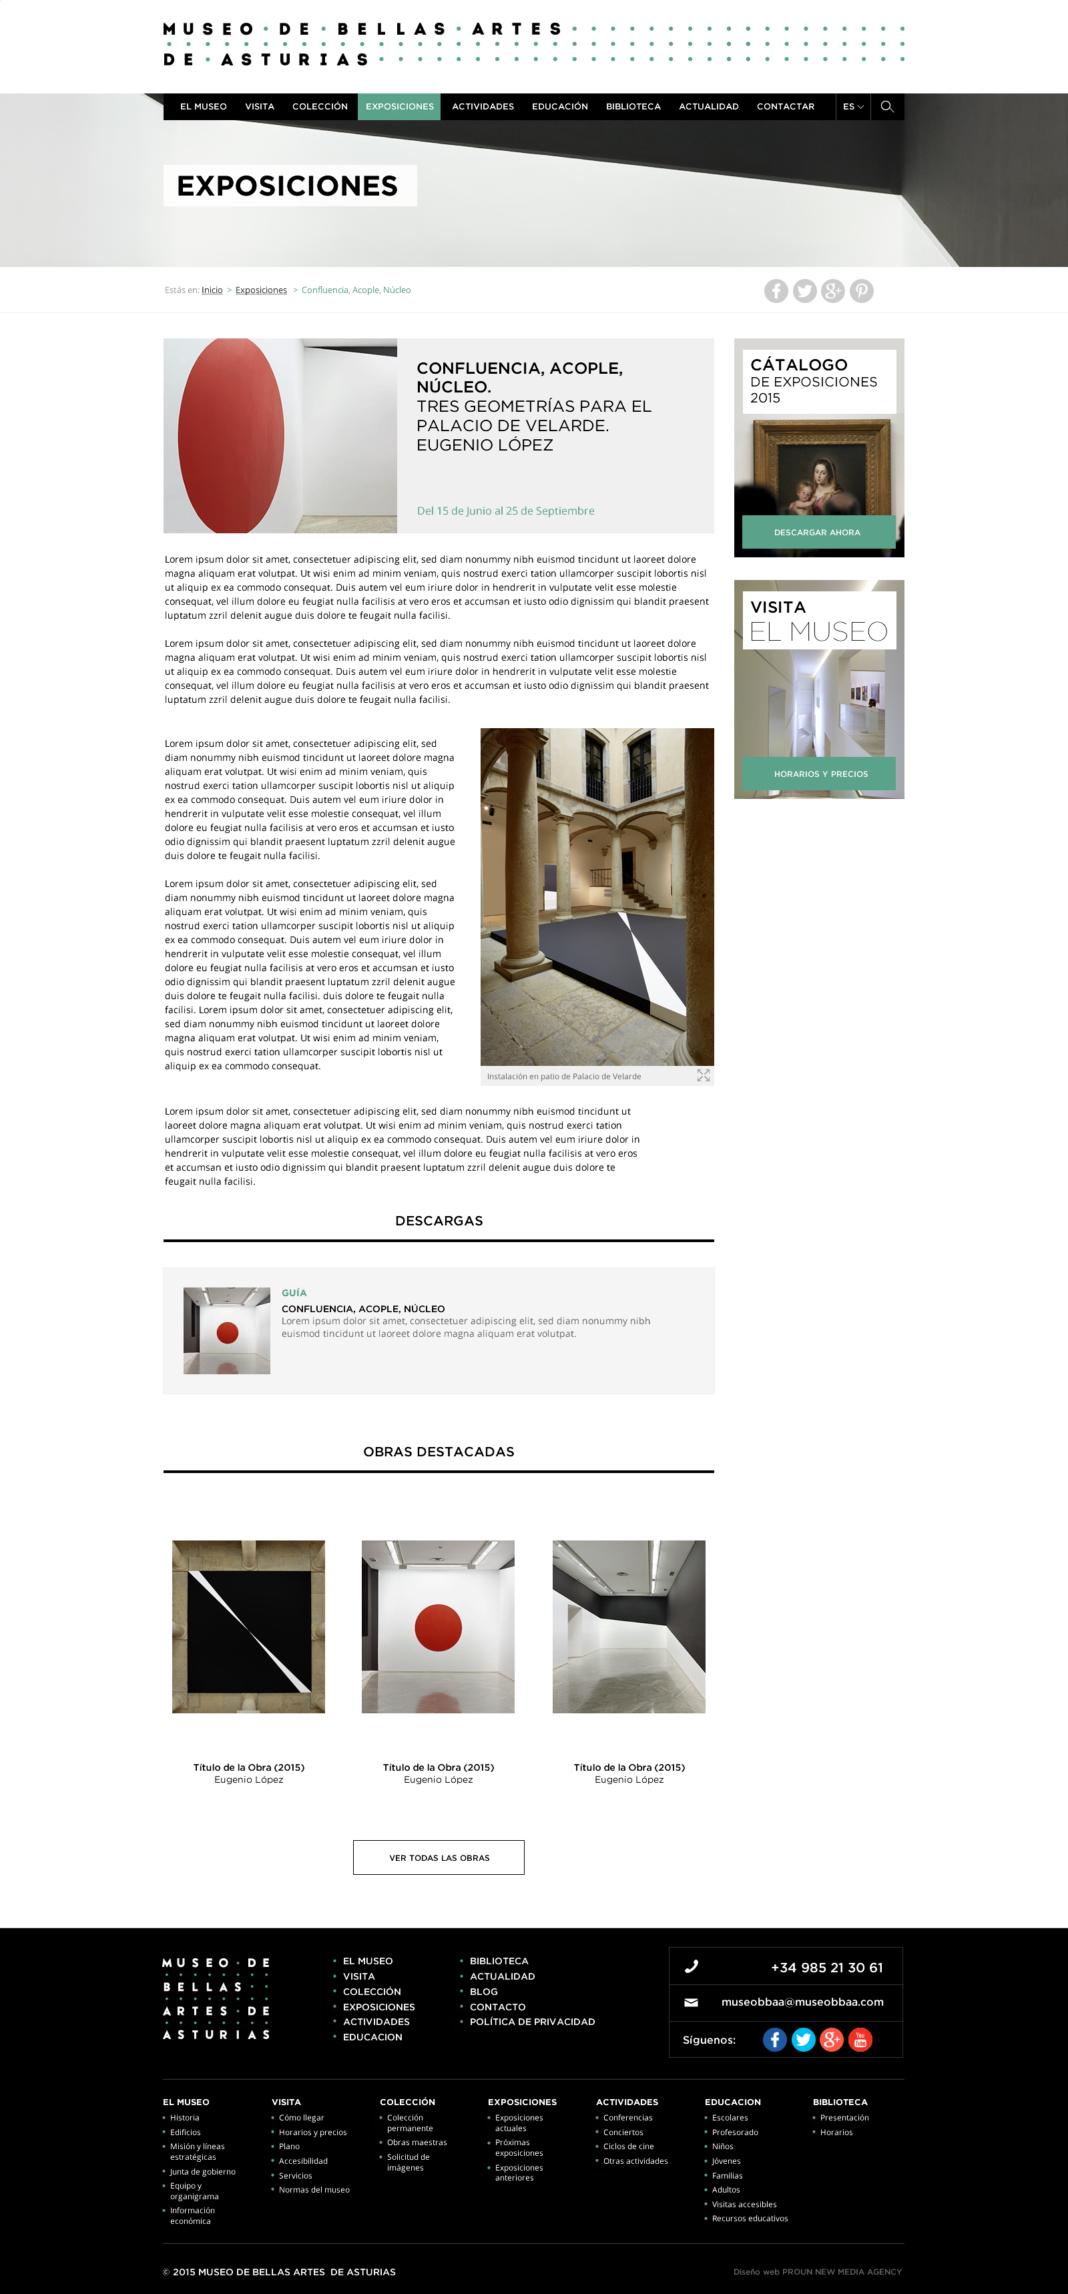 museo_bellas_artes_asturias_exposicion_detalle